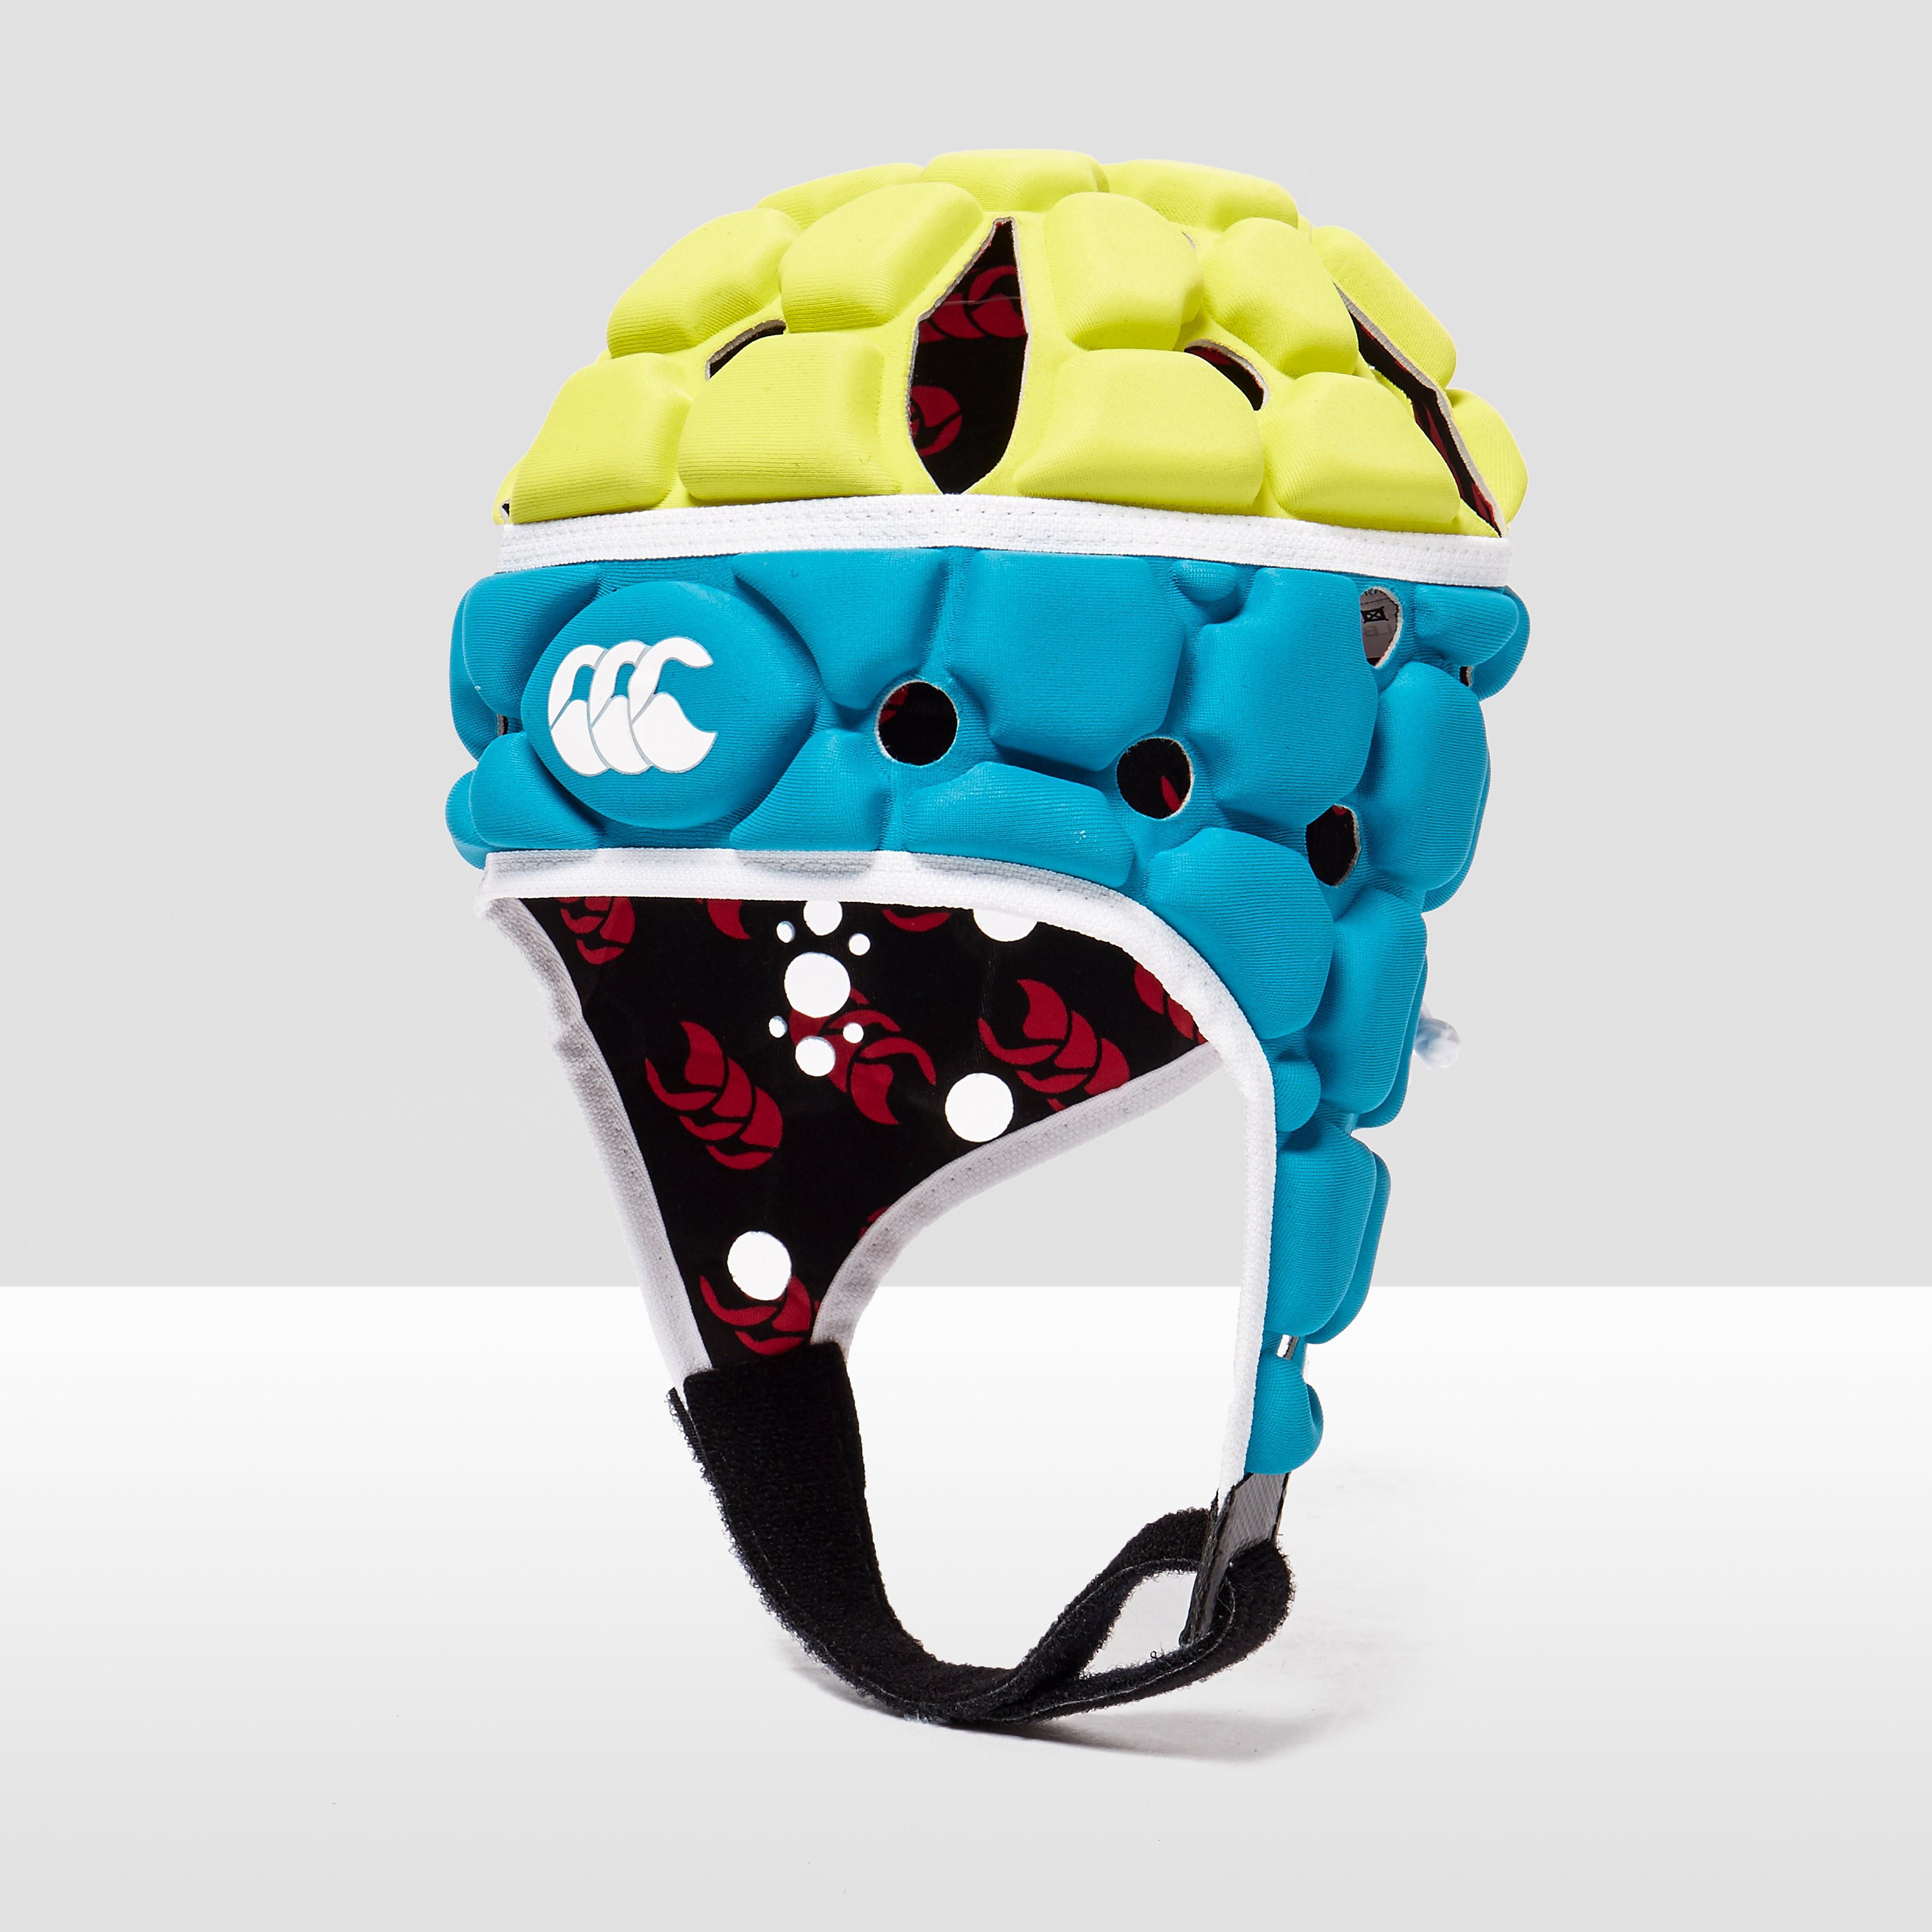 Canterbury Ventilator Junior Rugby Headguard